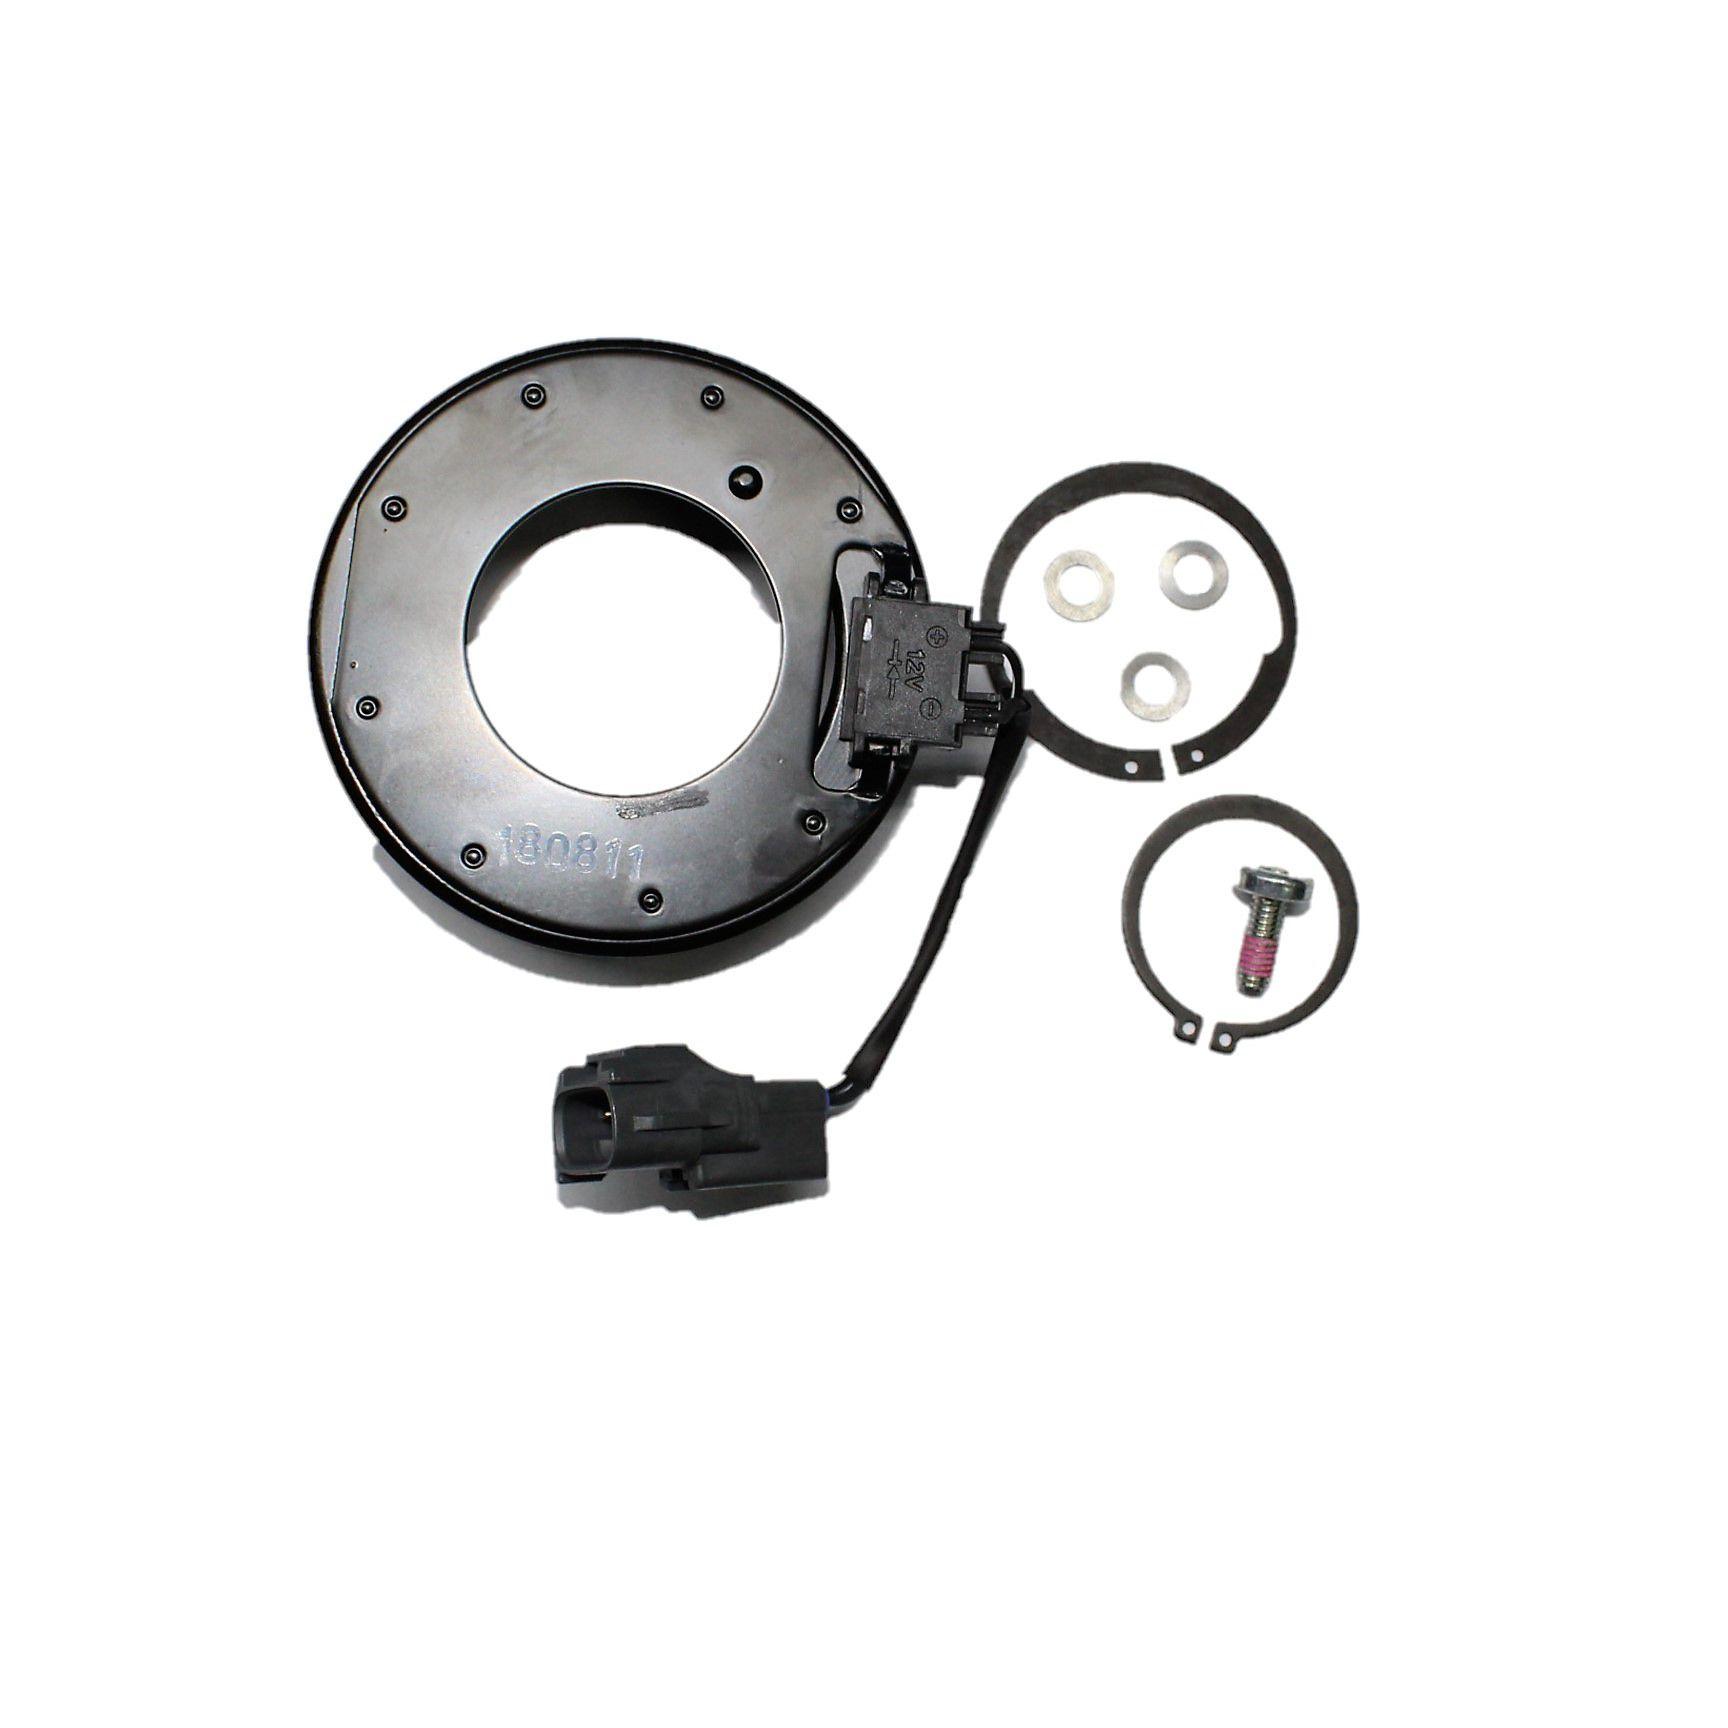 Bobina Compressor Mahle Jeep Compass